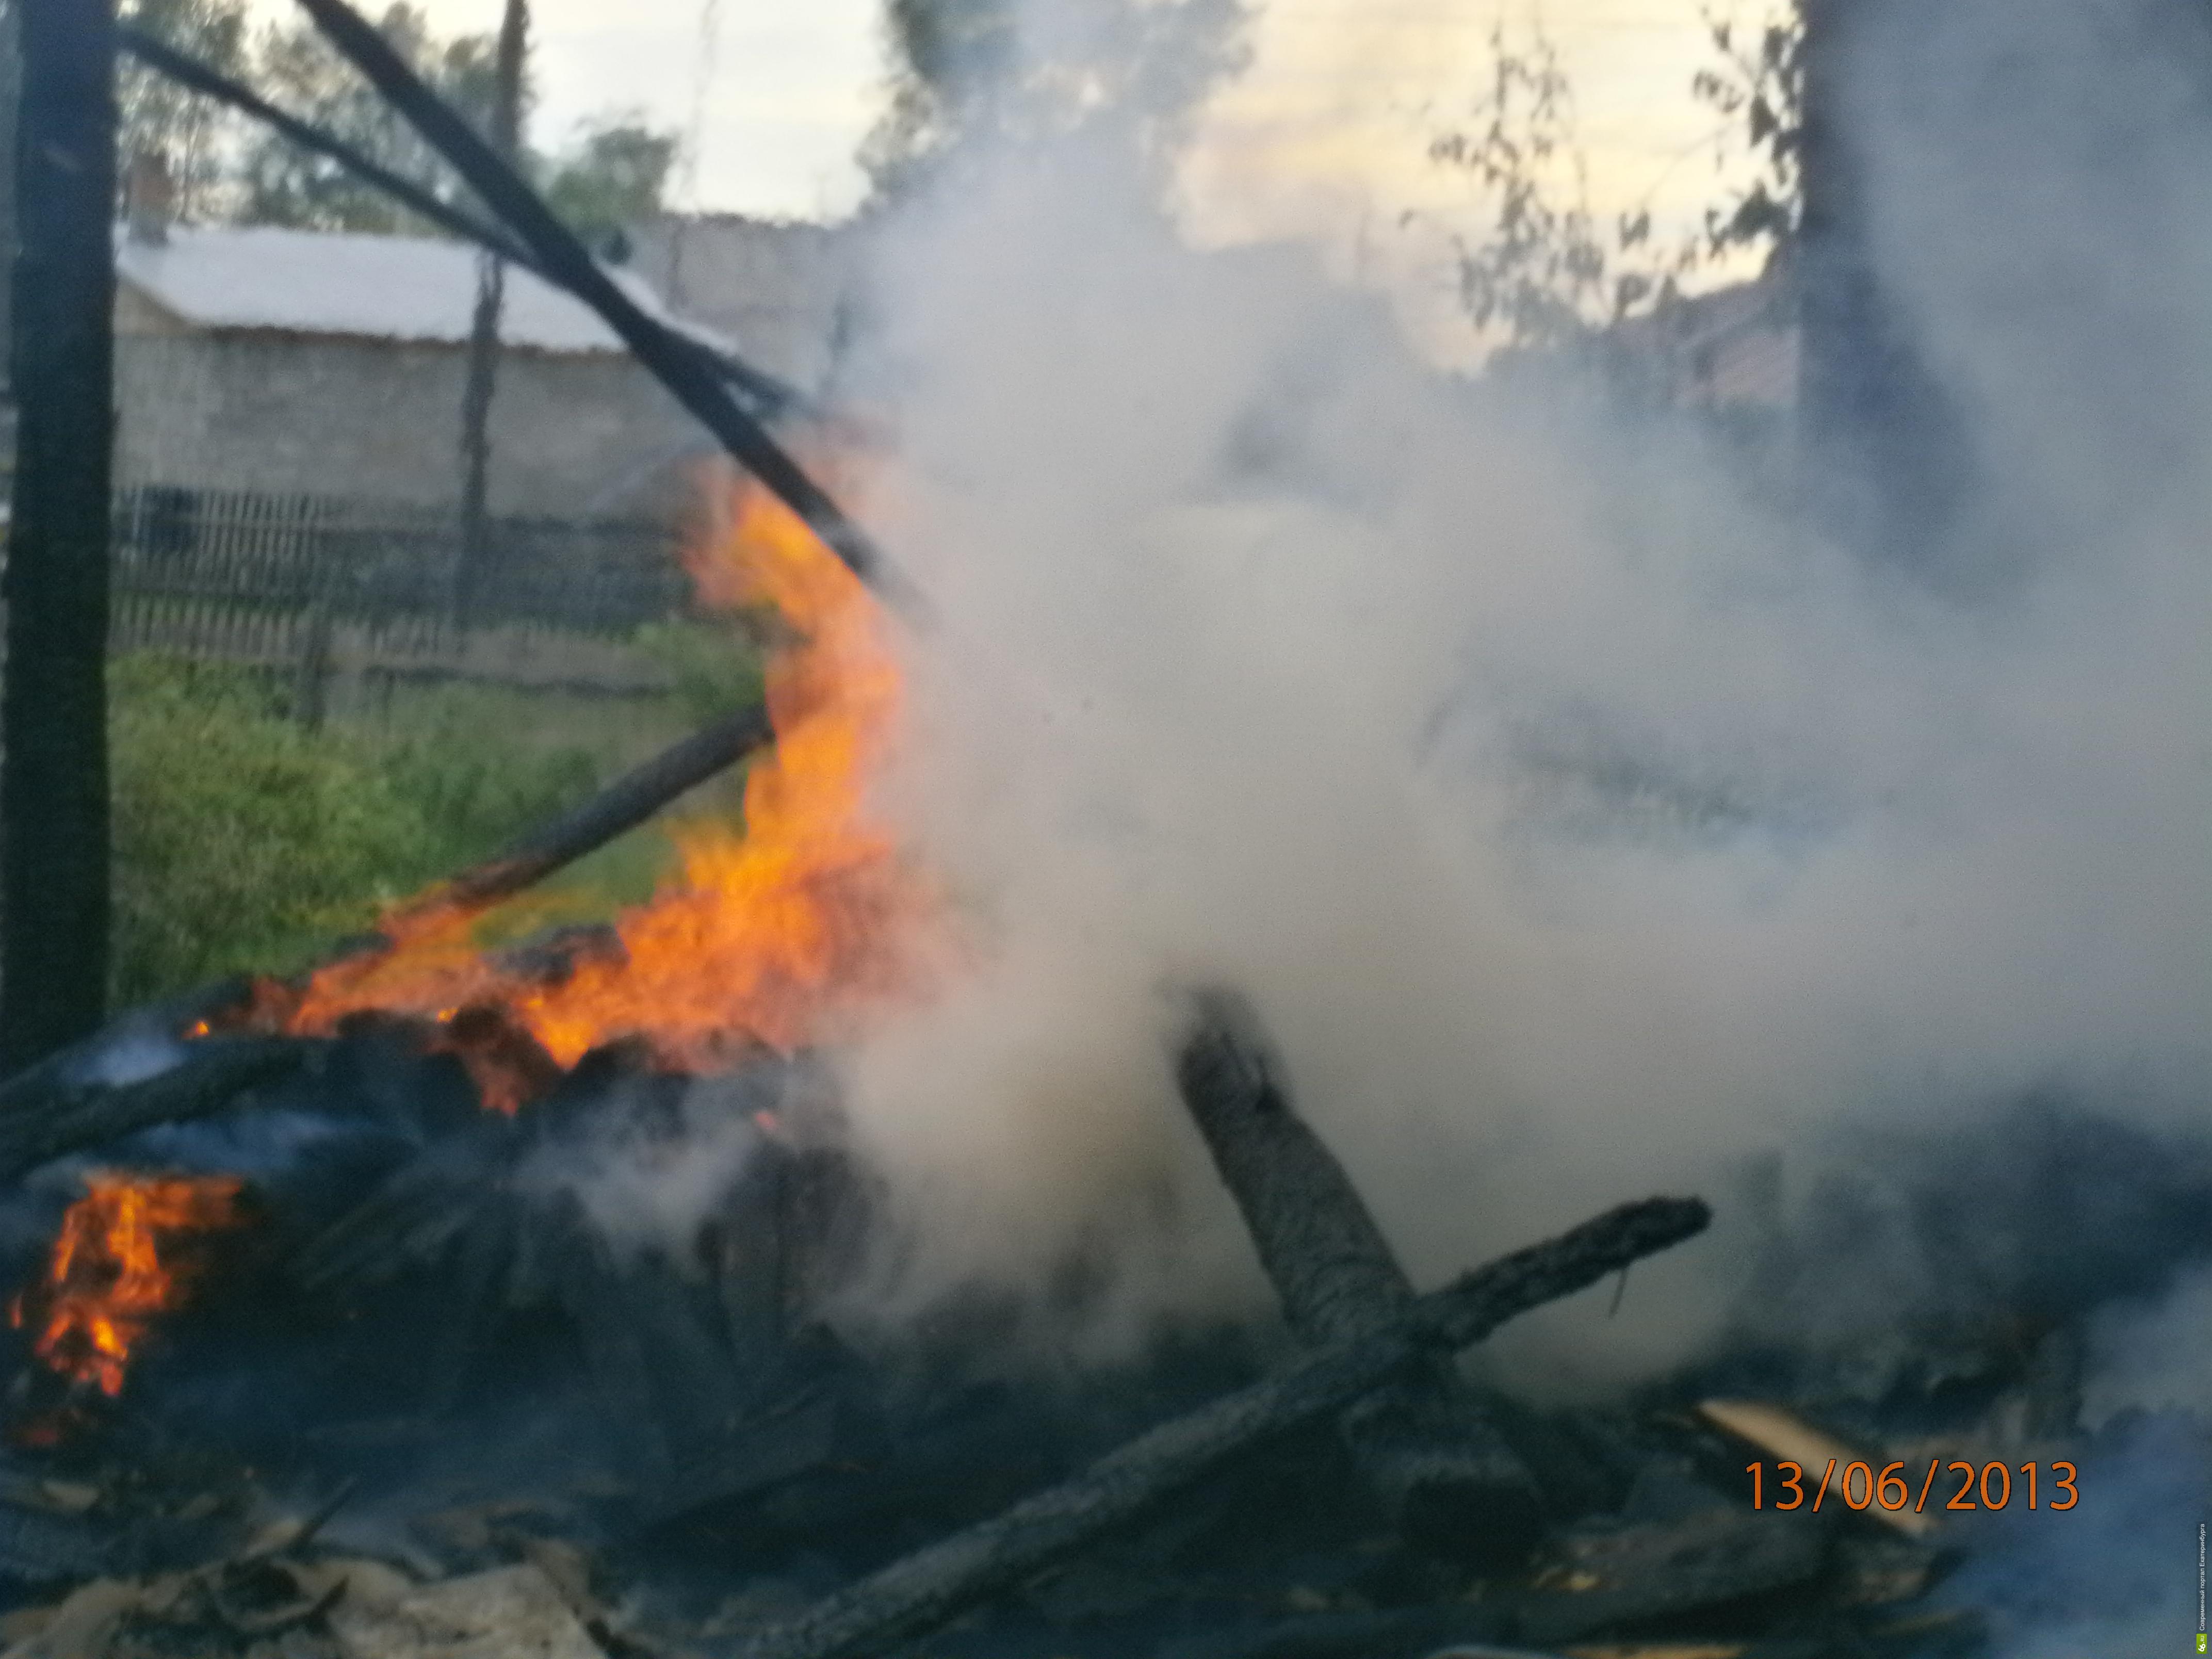 МЧС: хозяева сгоревшего дома в Ивделе, возможно, были пьяны